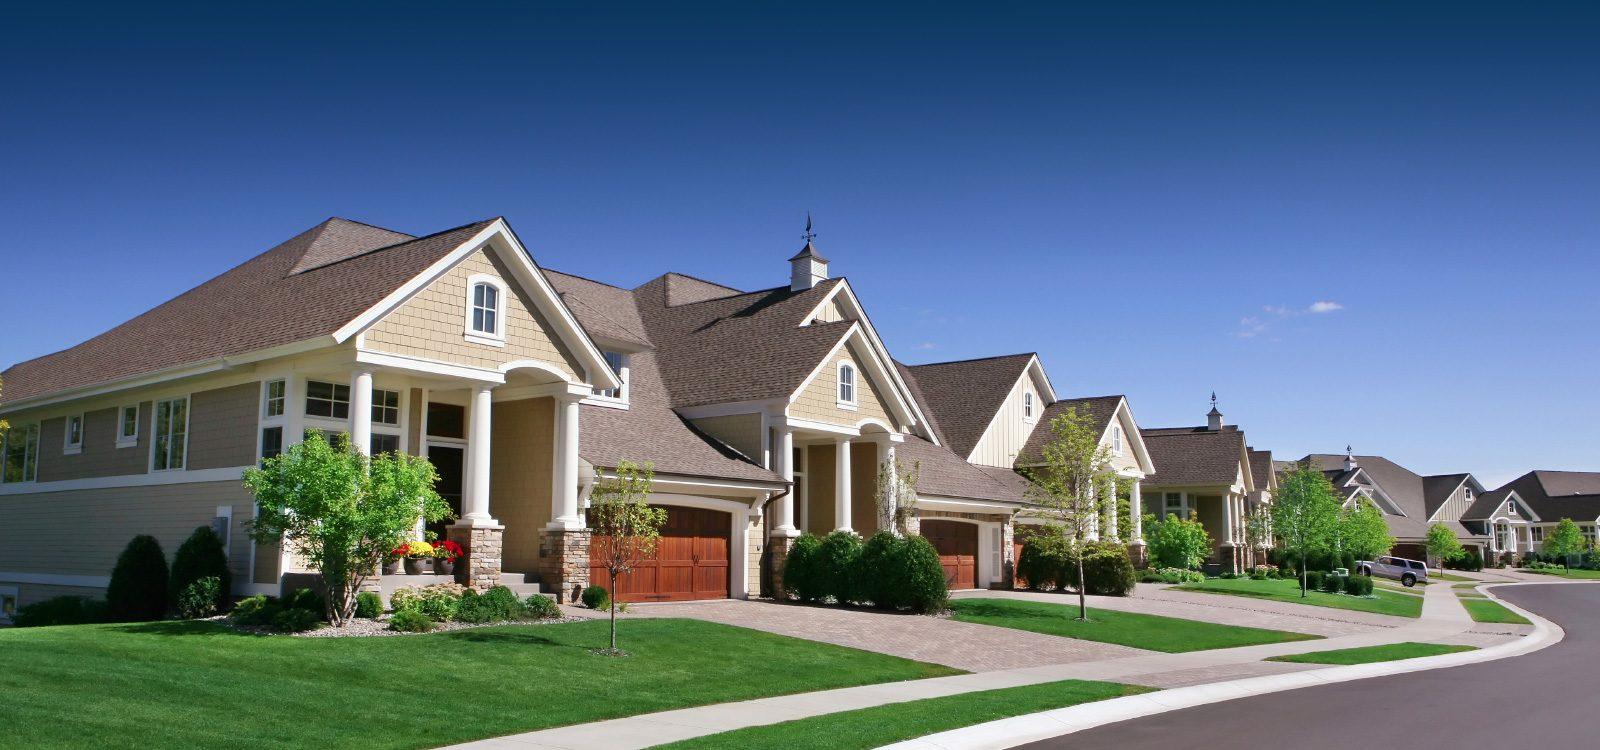 Home Inspection Checklist in Albuquerque